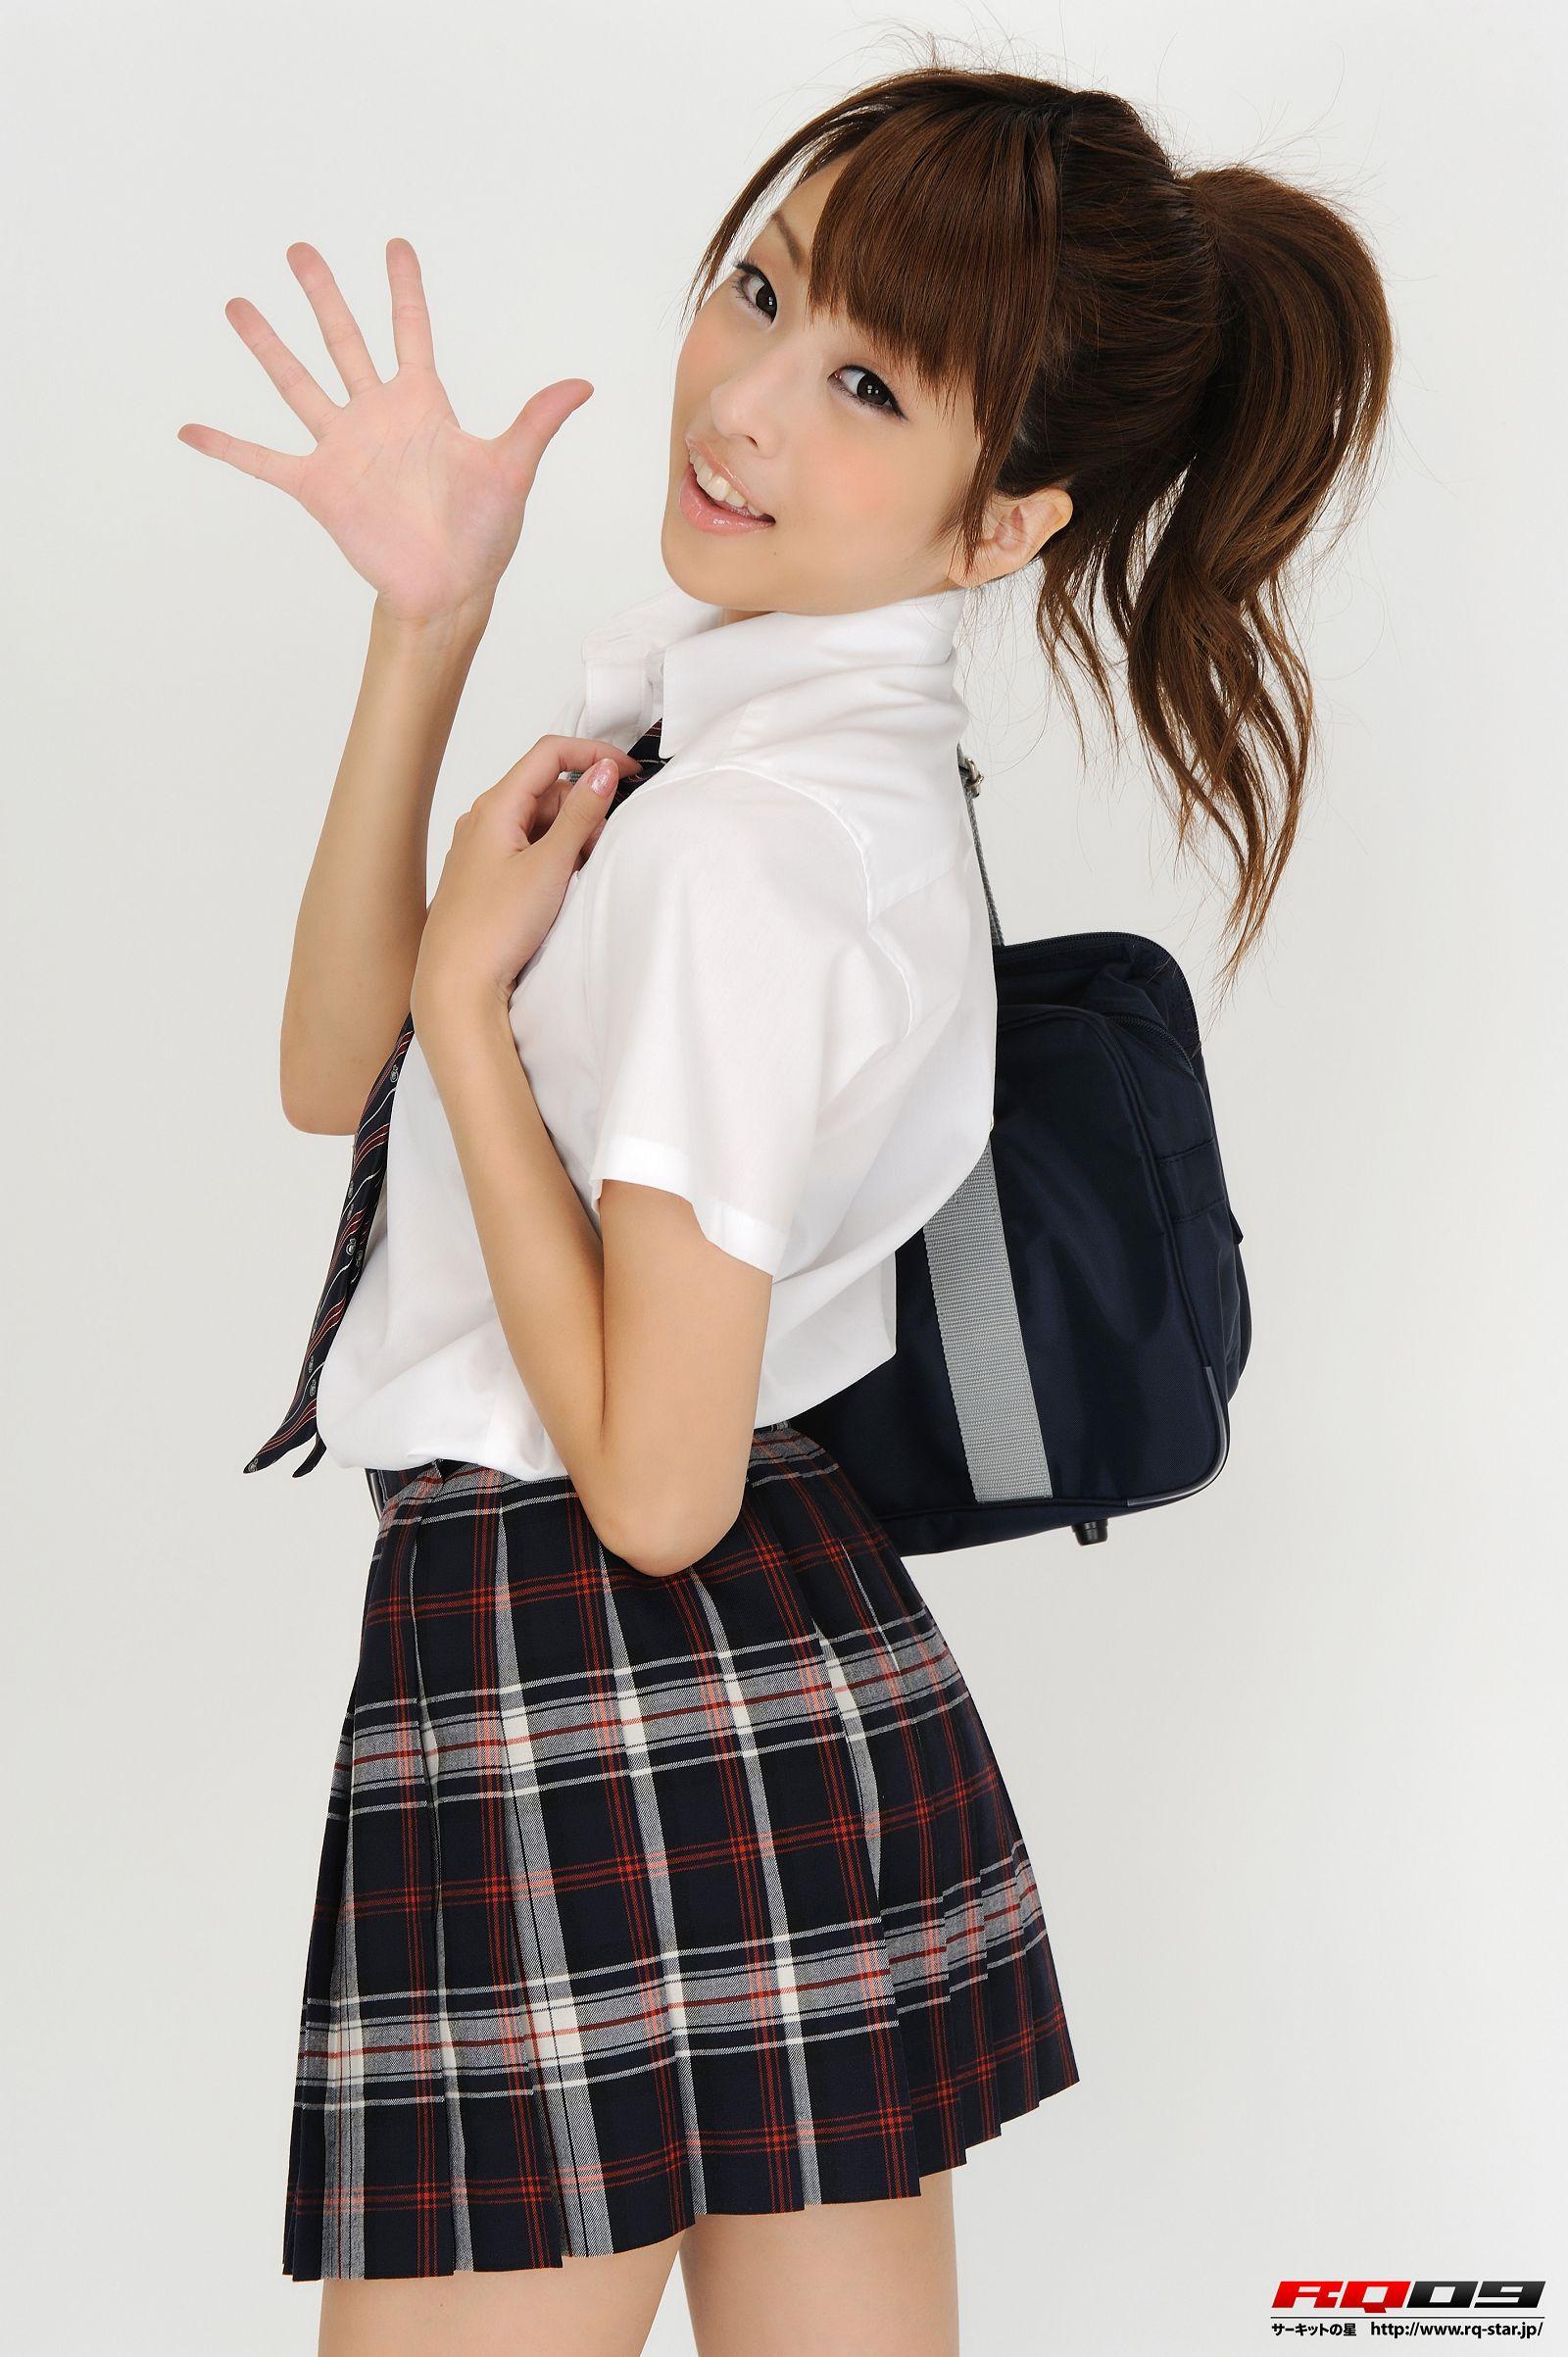 [RQ STAR美女] NO.0184 Mirei Kurosawa 鼪g美怜 Student Style[100P] RQ STAR 第3张